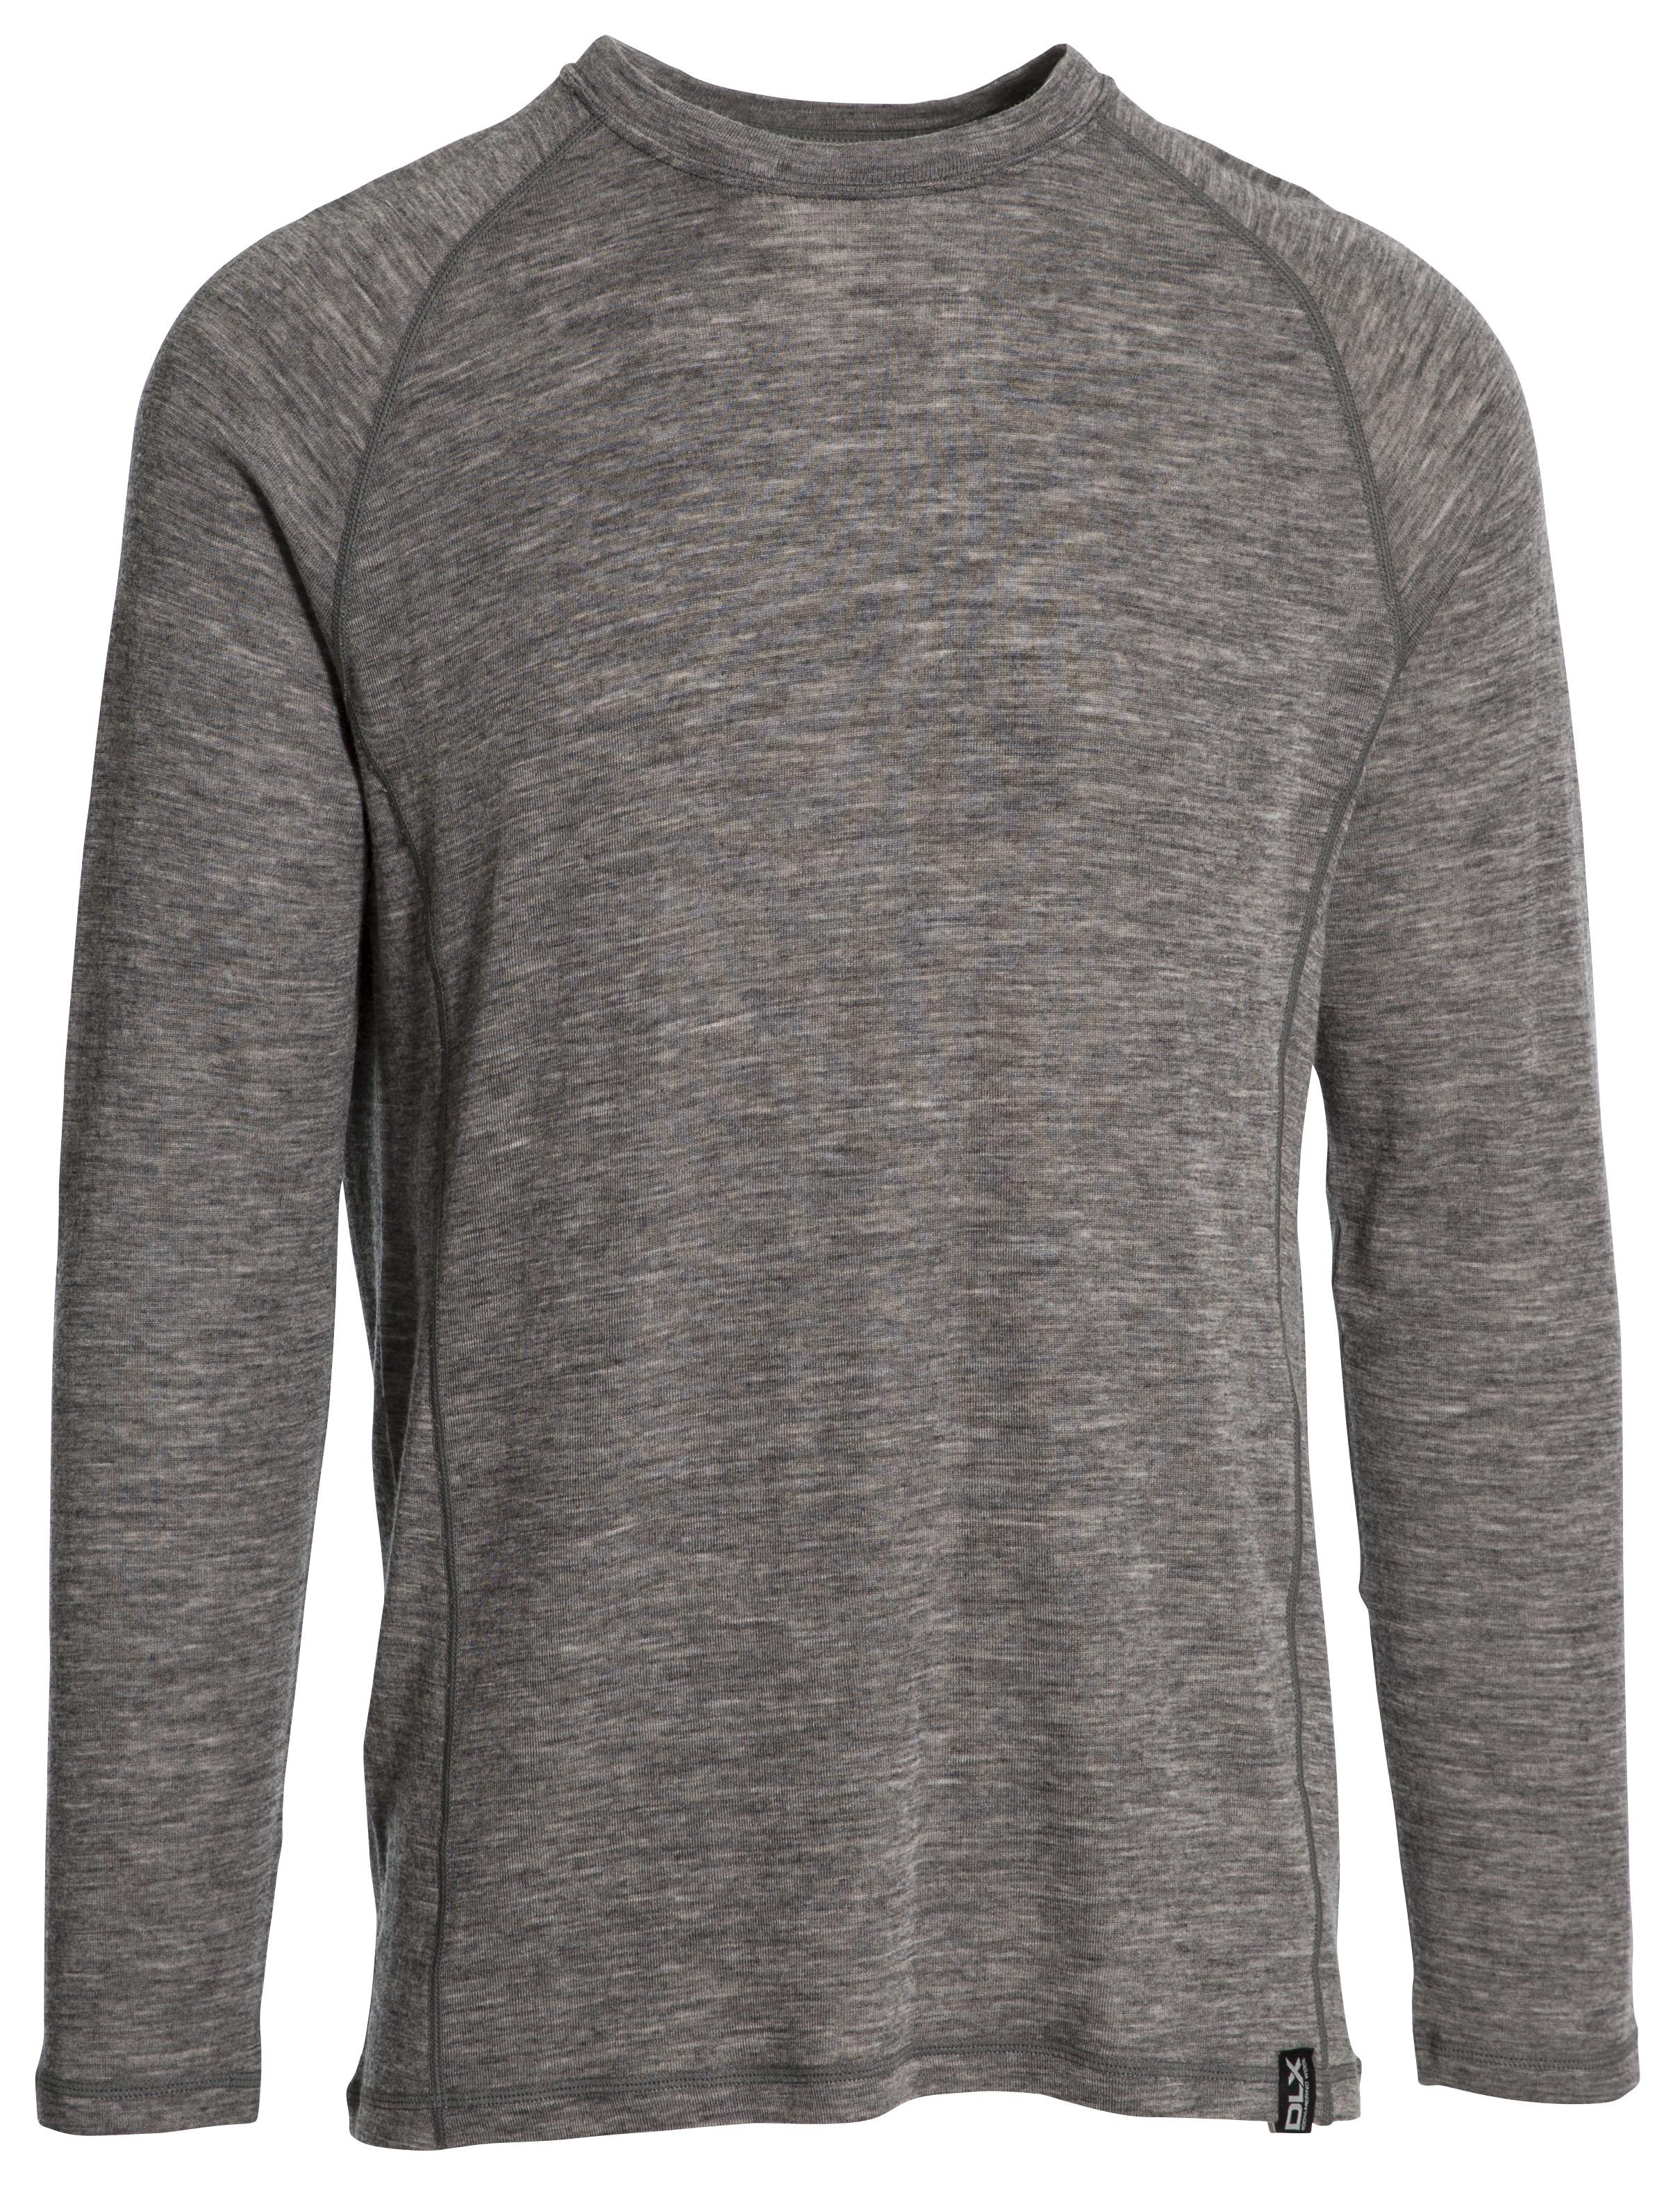 Trespass - Merino Wool Base Layer Shirt Wexler Men